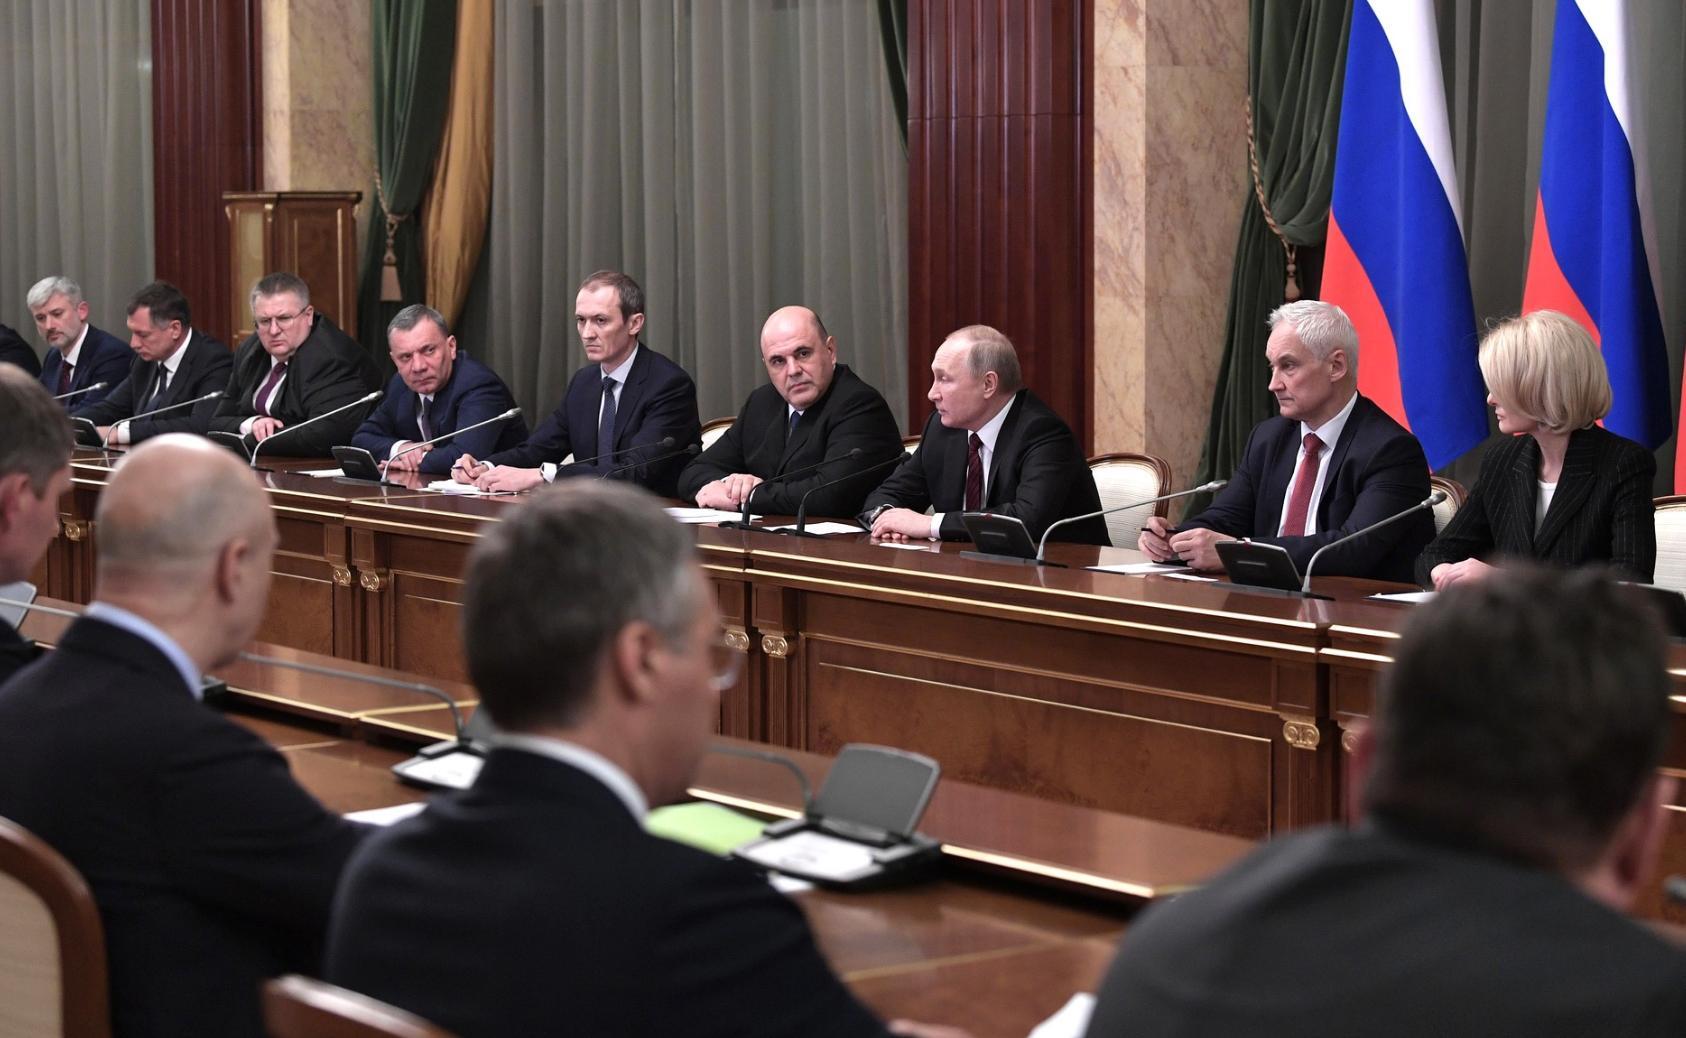 Фото © Администрация Президента России